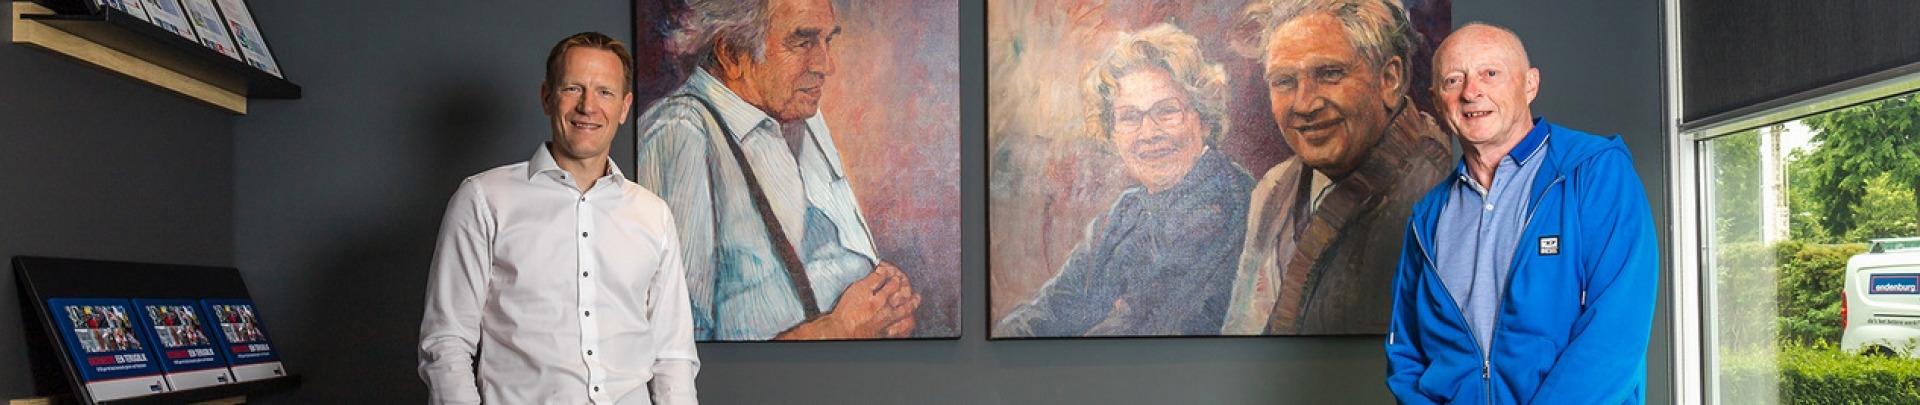 2 mannen staan voor een schilderij met 2 mannen en een vrouw